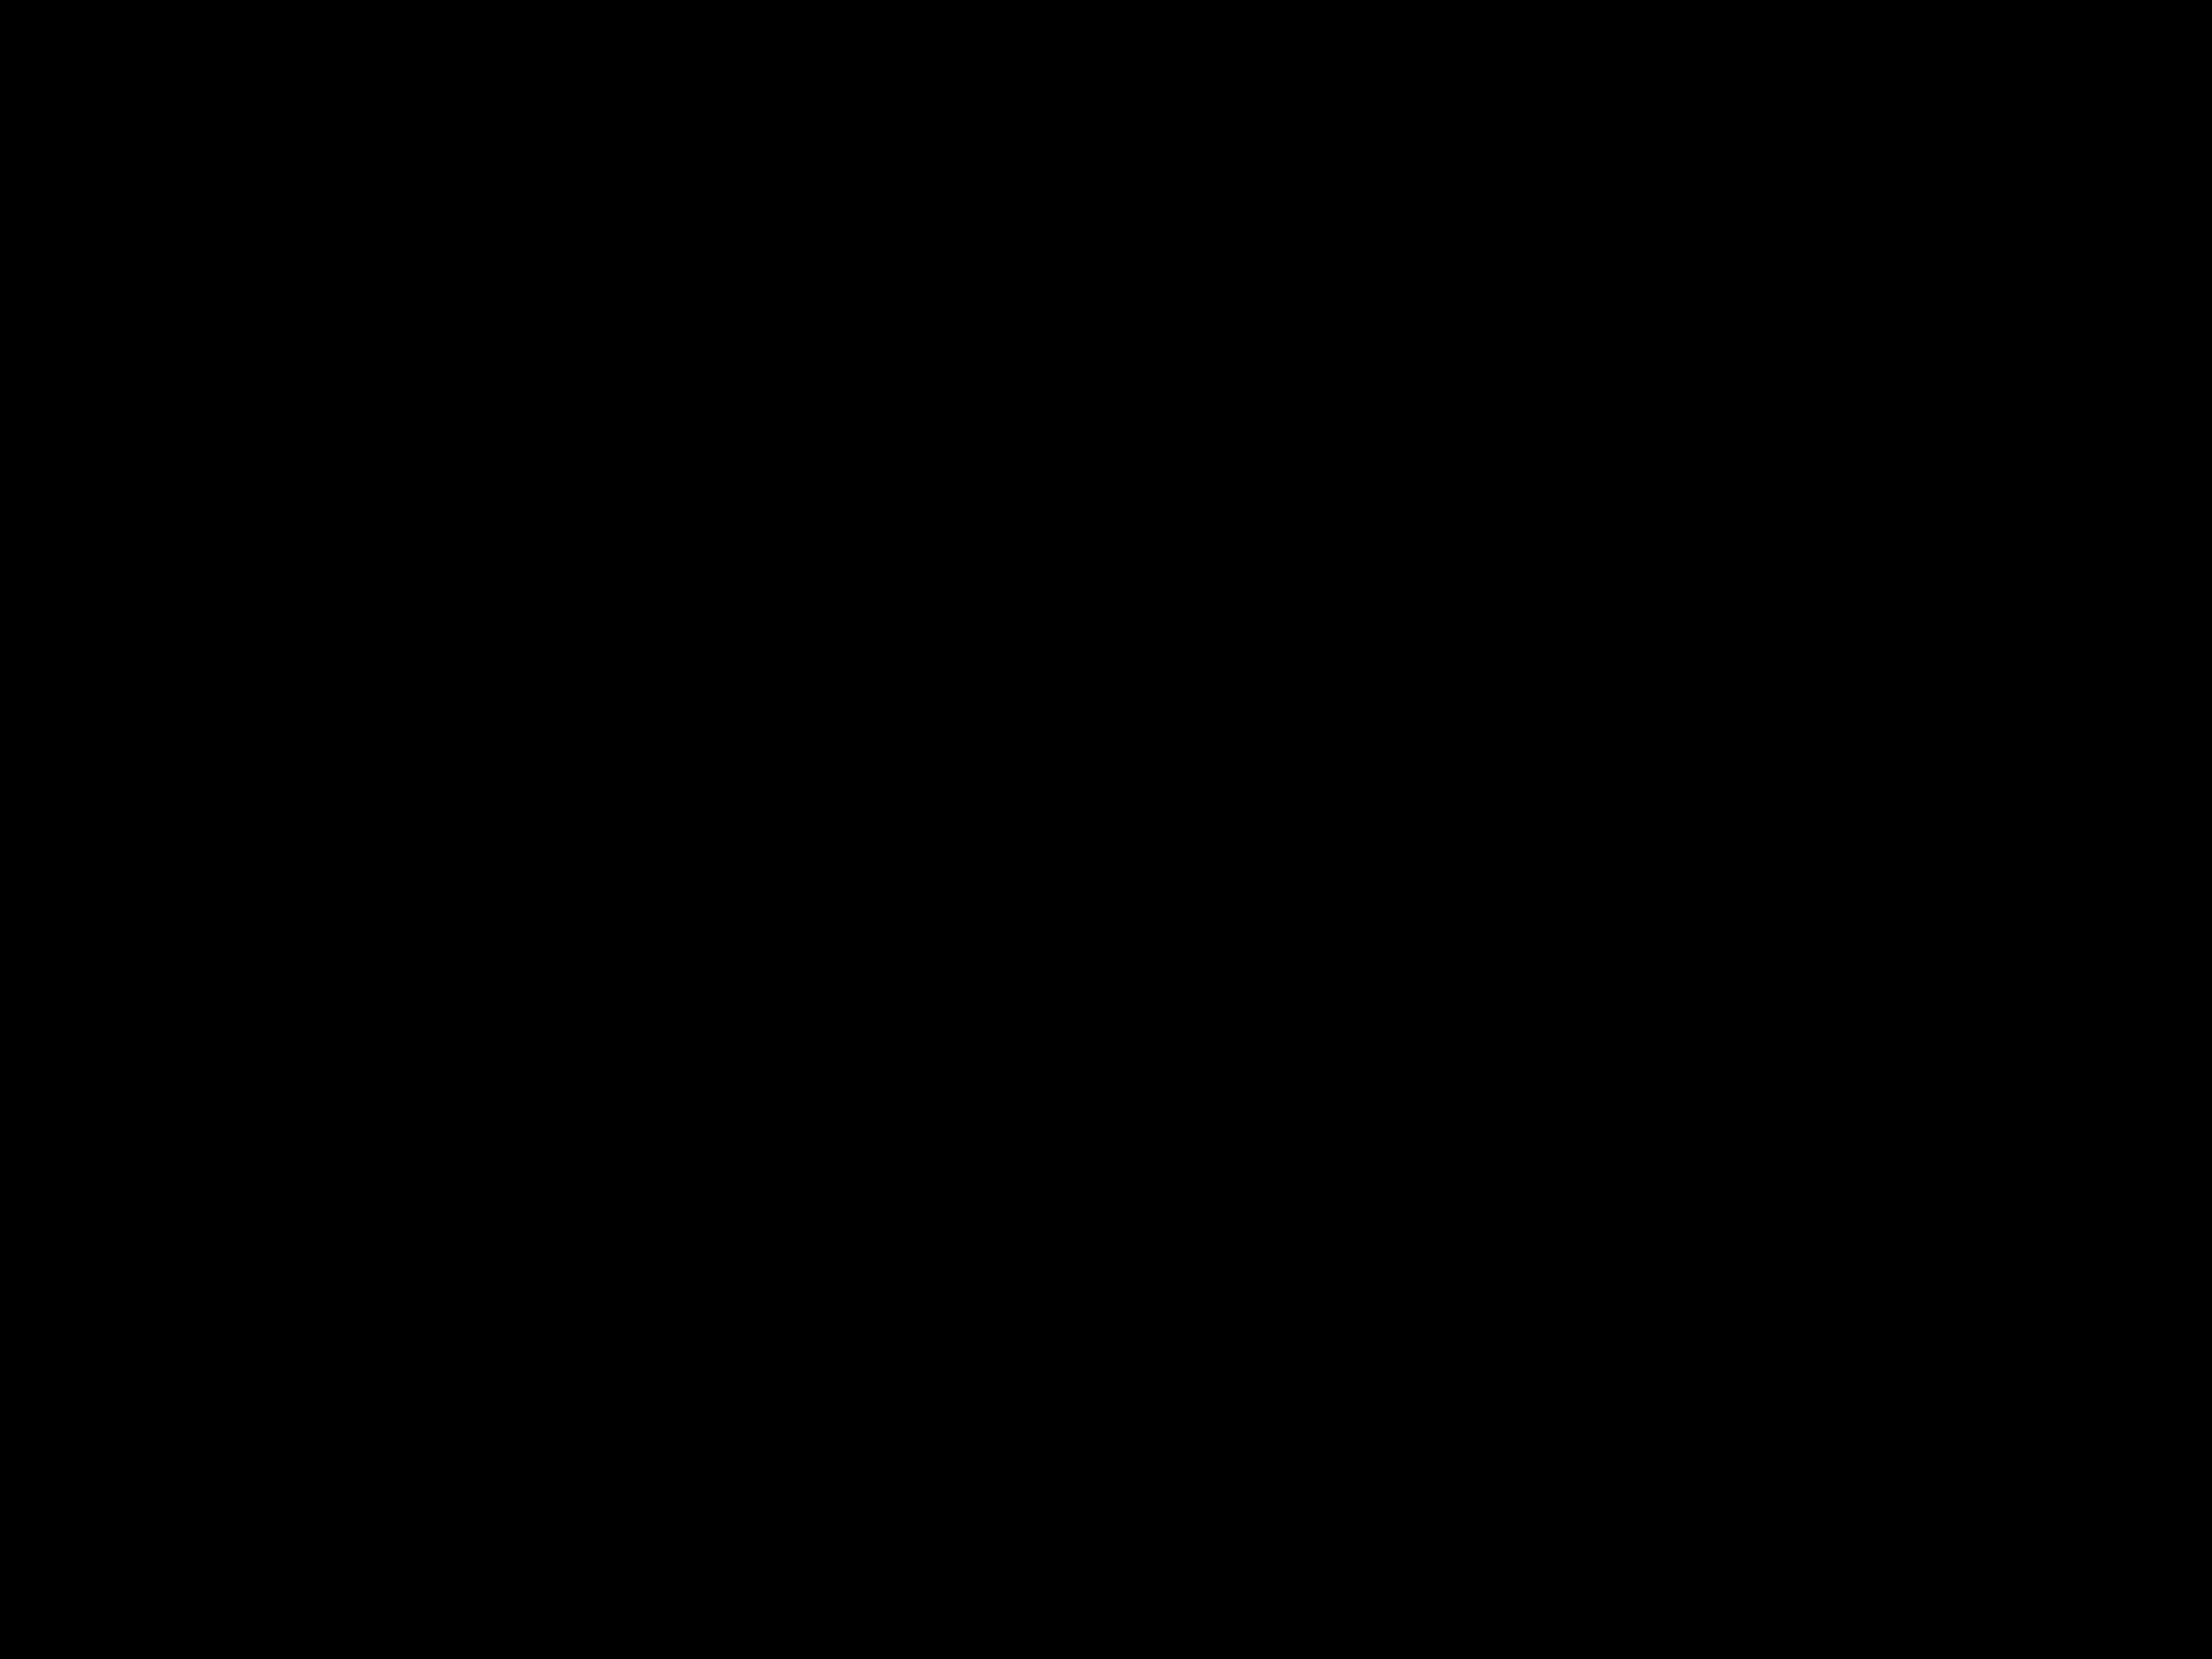 PälsGlans